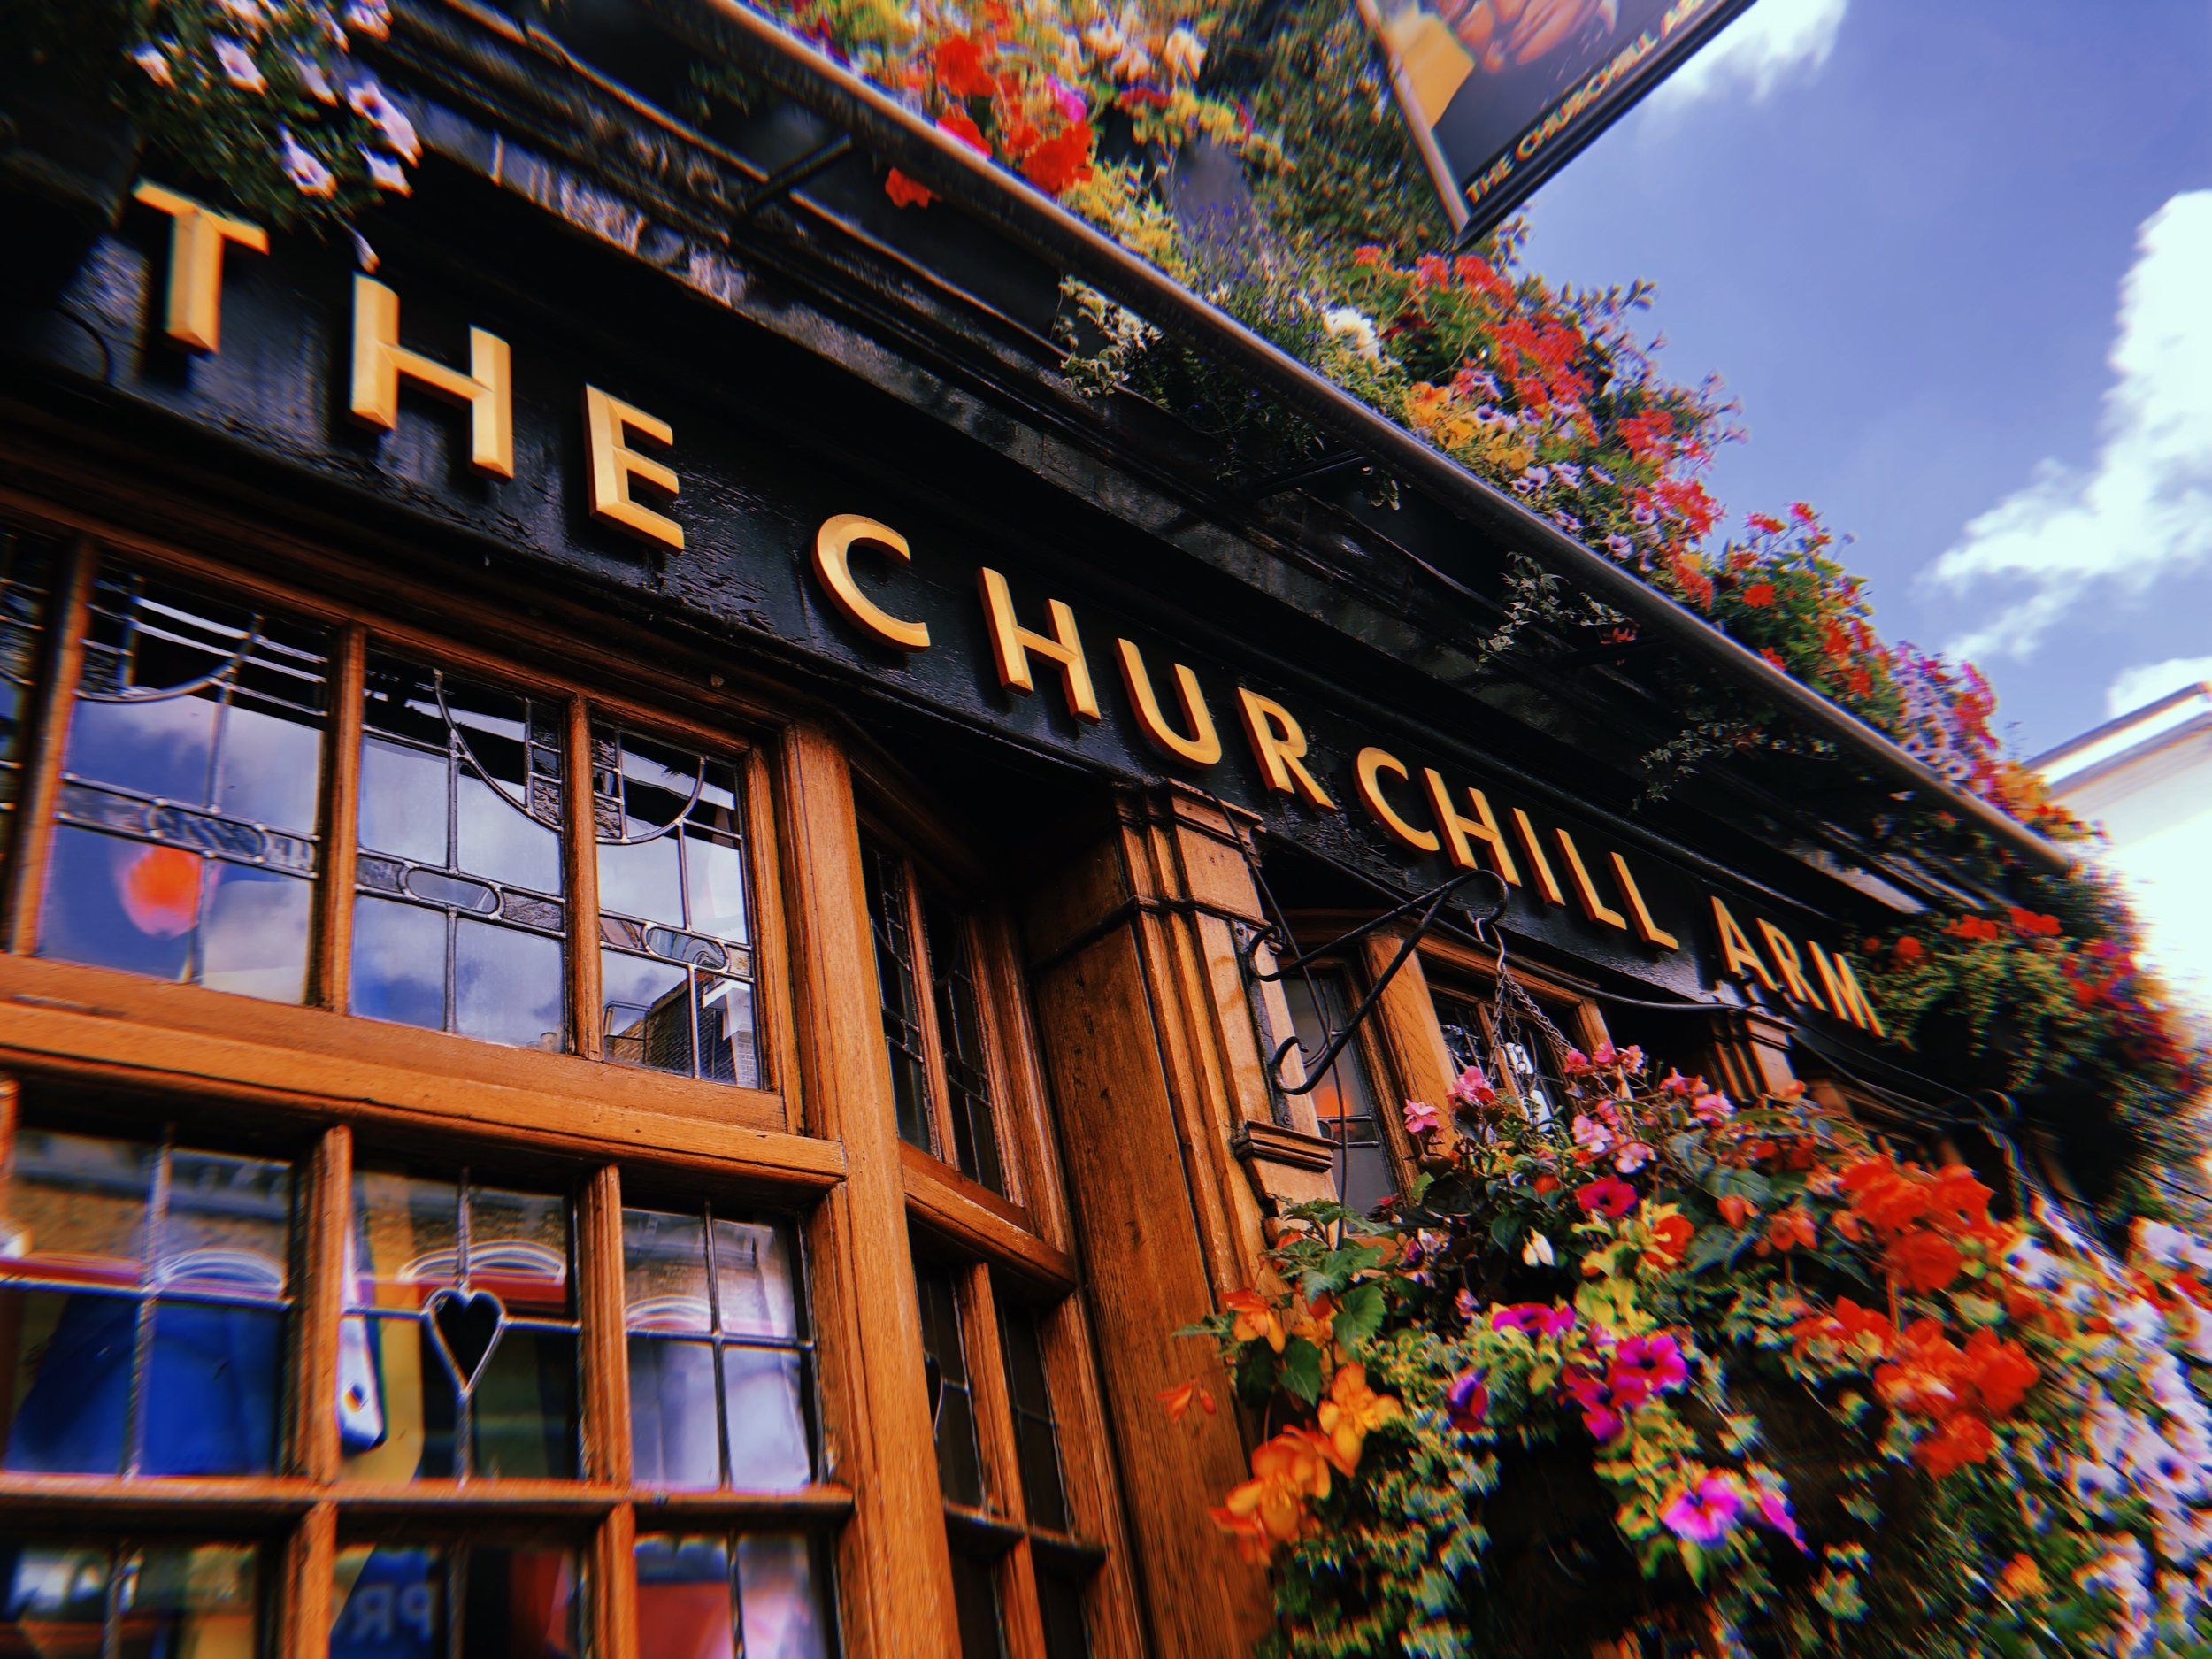 Churchhill Arms